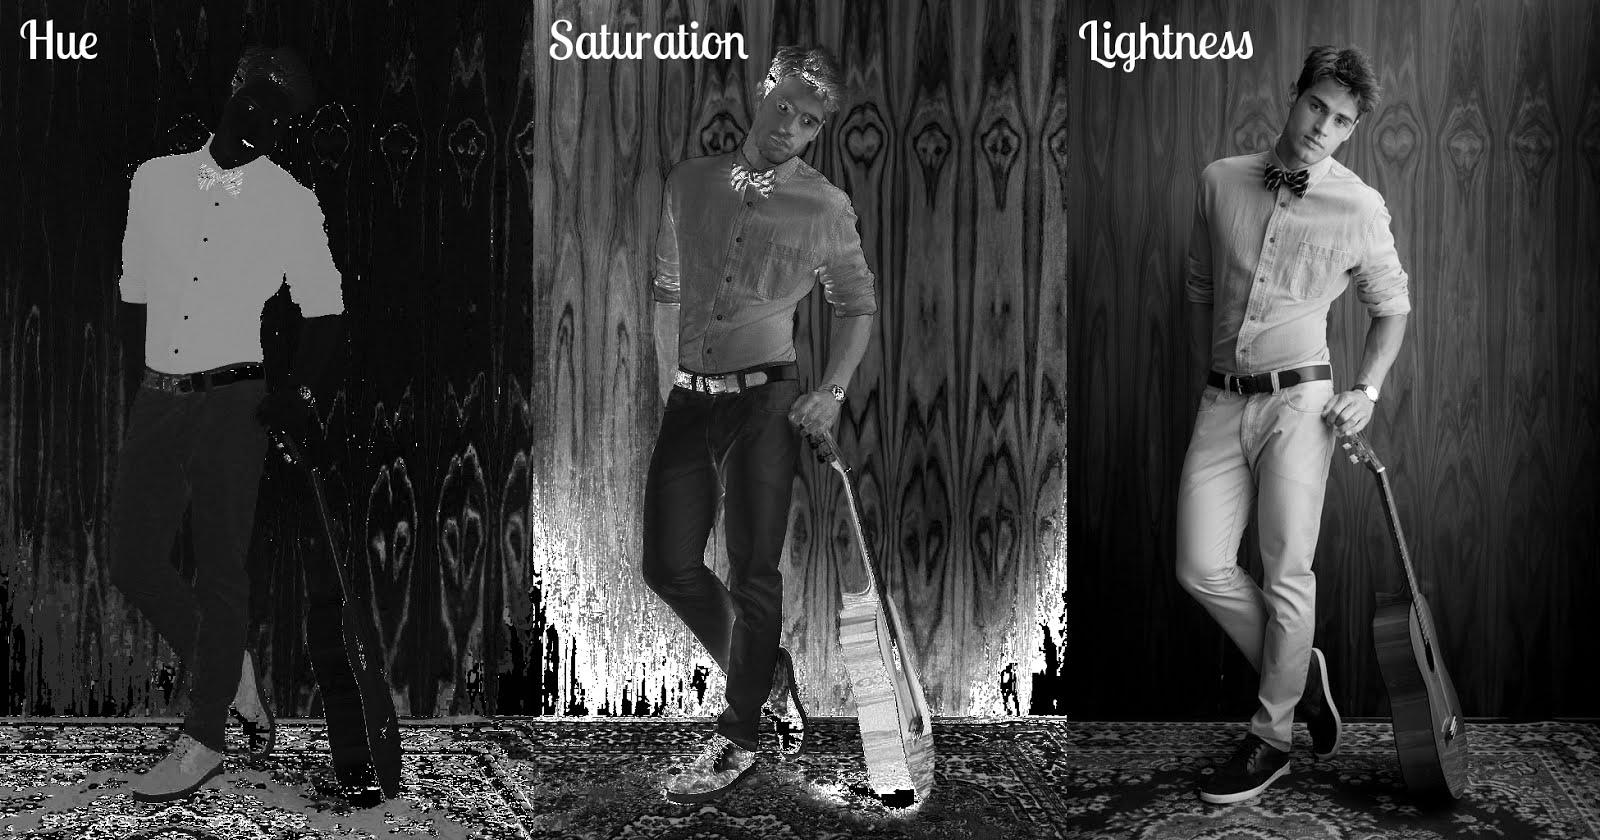 Hue, Saturation, Lightness (HSL) Channels